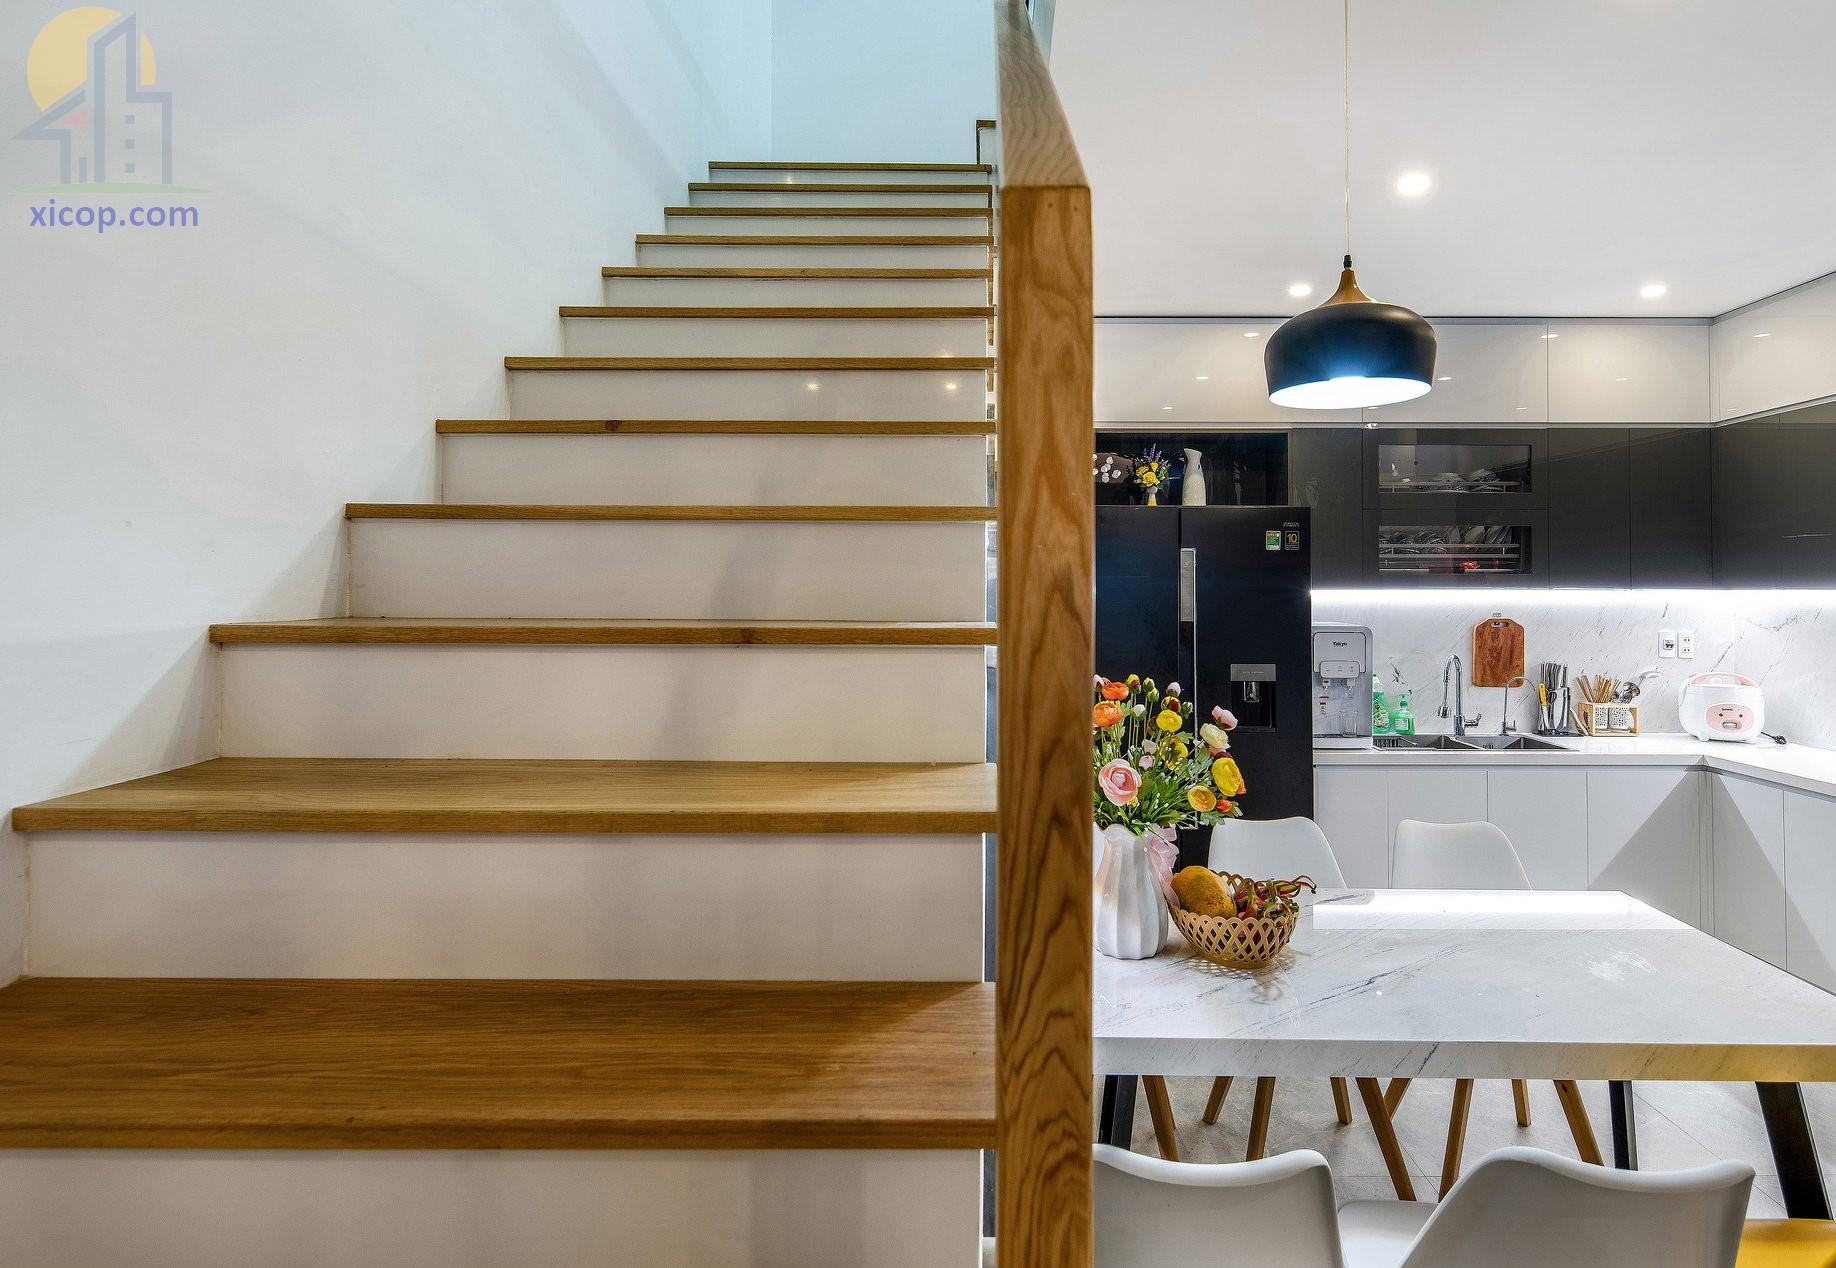 Nội thất nhà 3 tầng đẹp hiện đại, thiết kế kiểu nhà ống